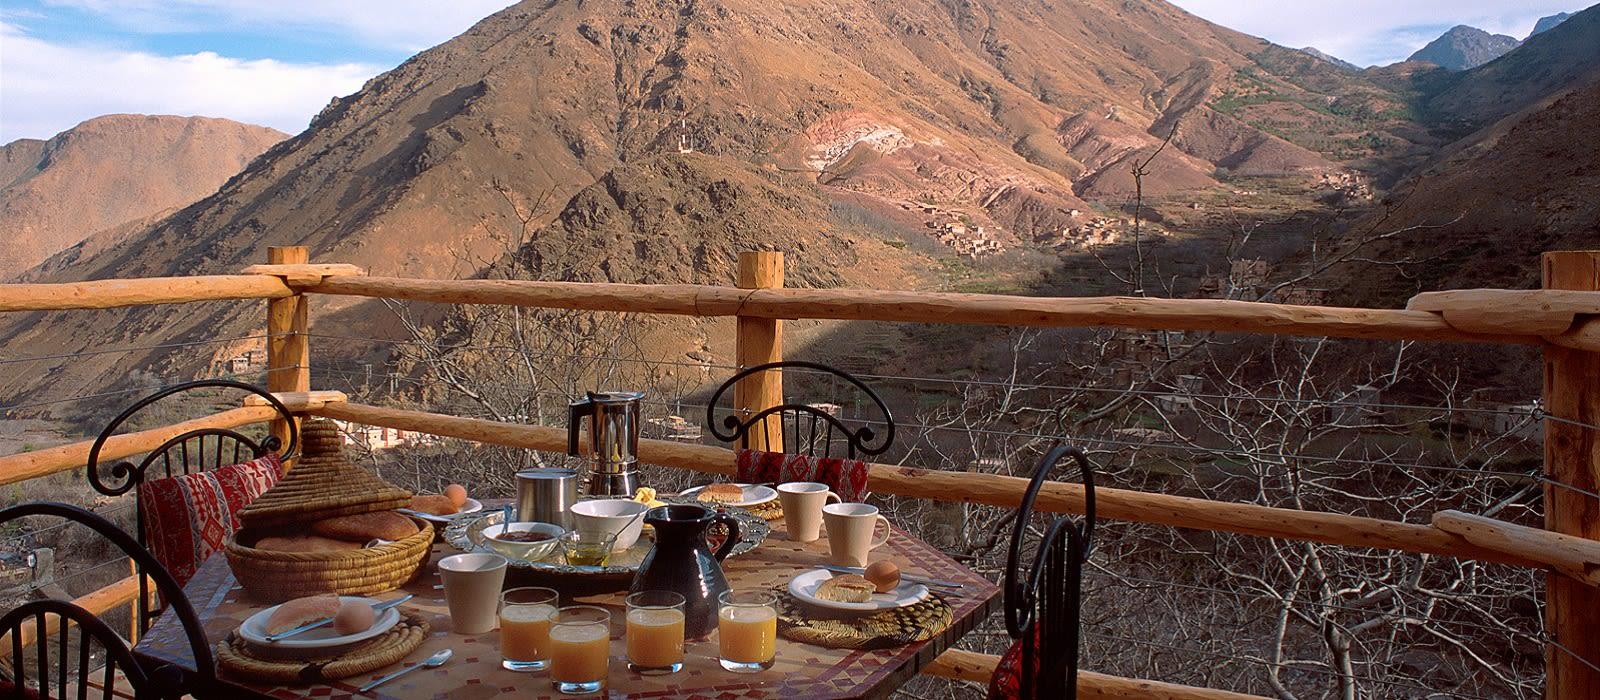 Hotel Kasbah du Toubkal Morocco